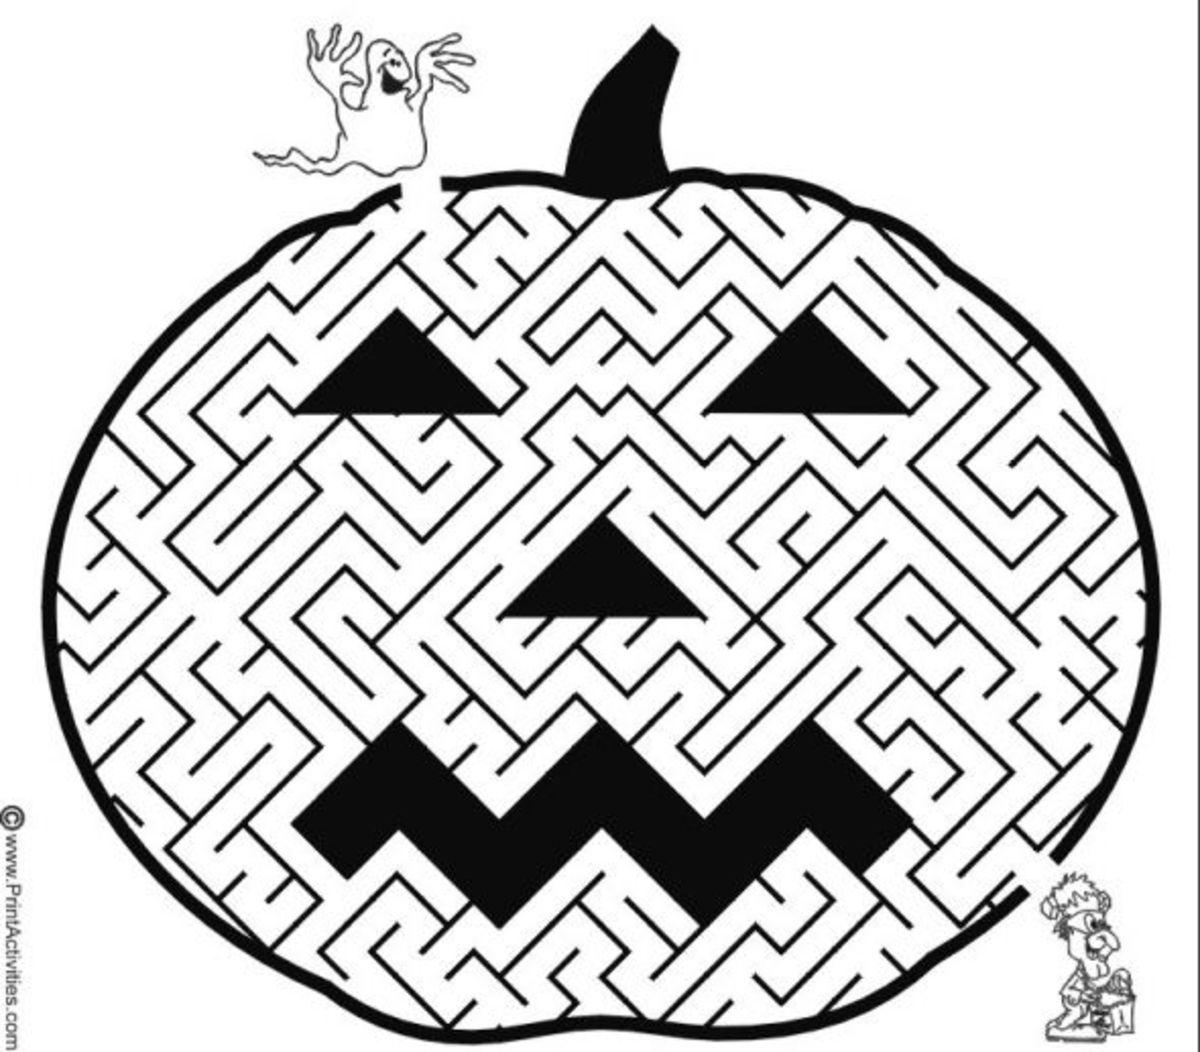 Zi's Children's Halloween KIDS Games & Activities